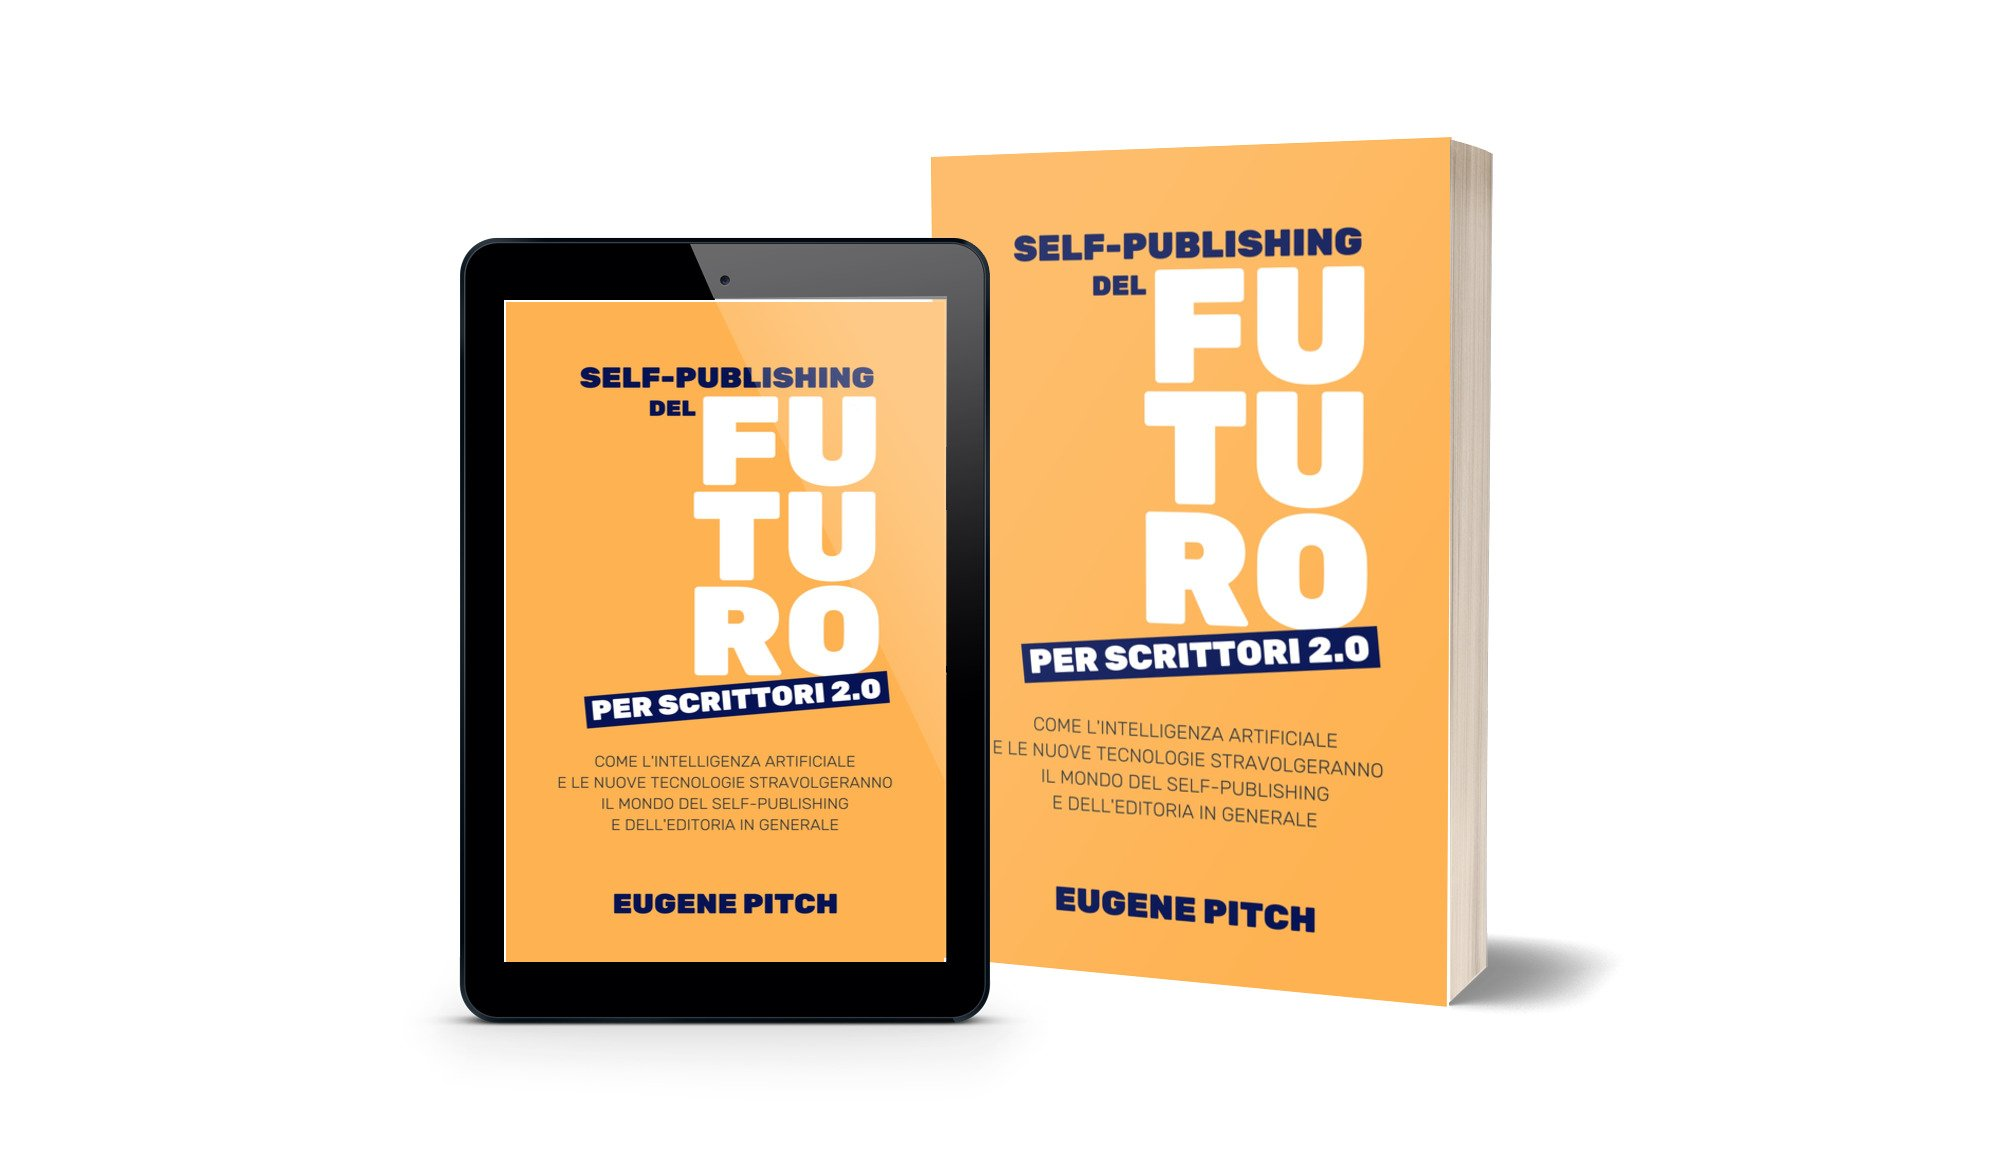 Eugene Pitch Ebook per Scrittori 2.0